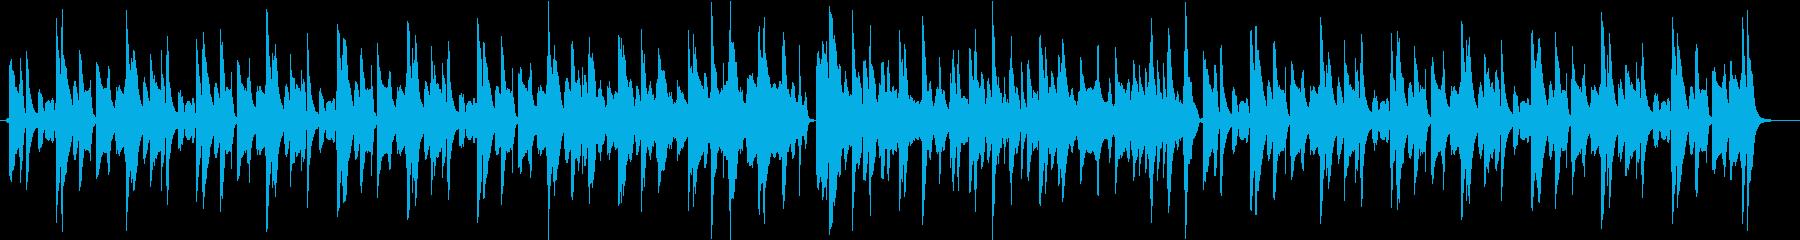 ほのぼの系動画用ループBGMの再生済みの波形